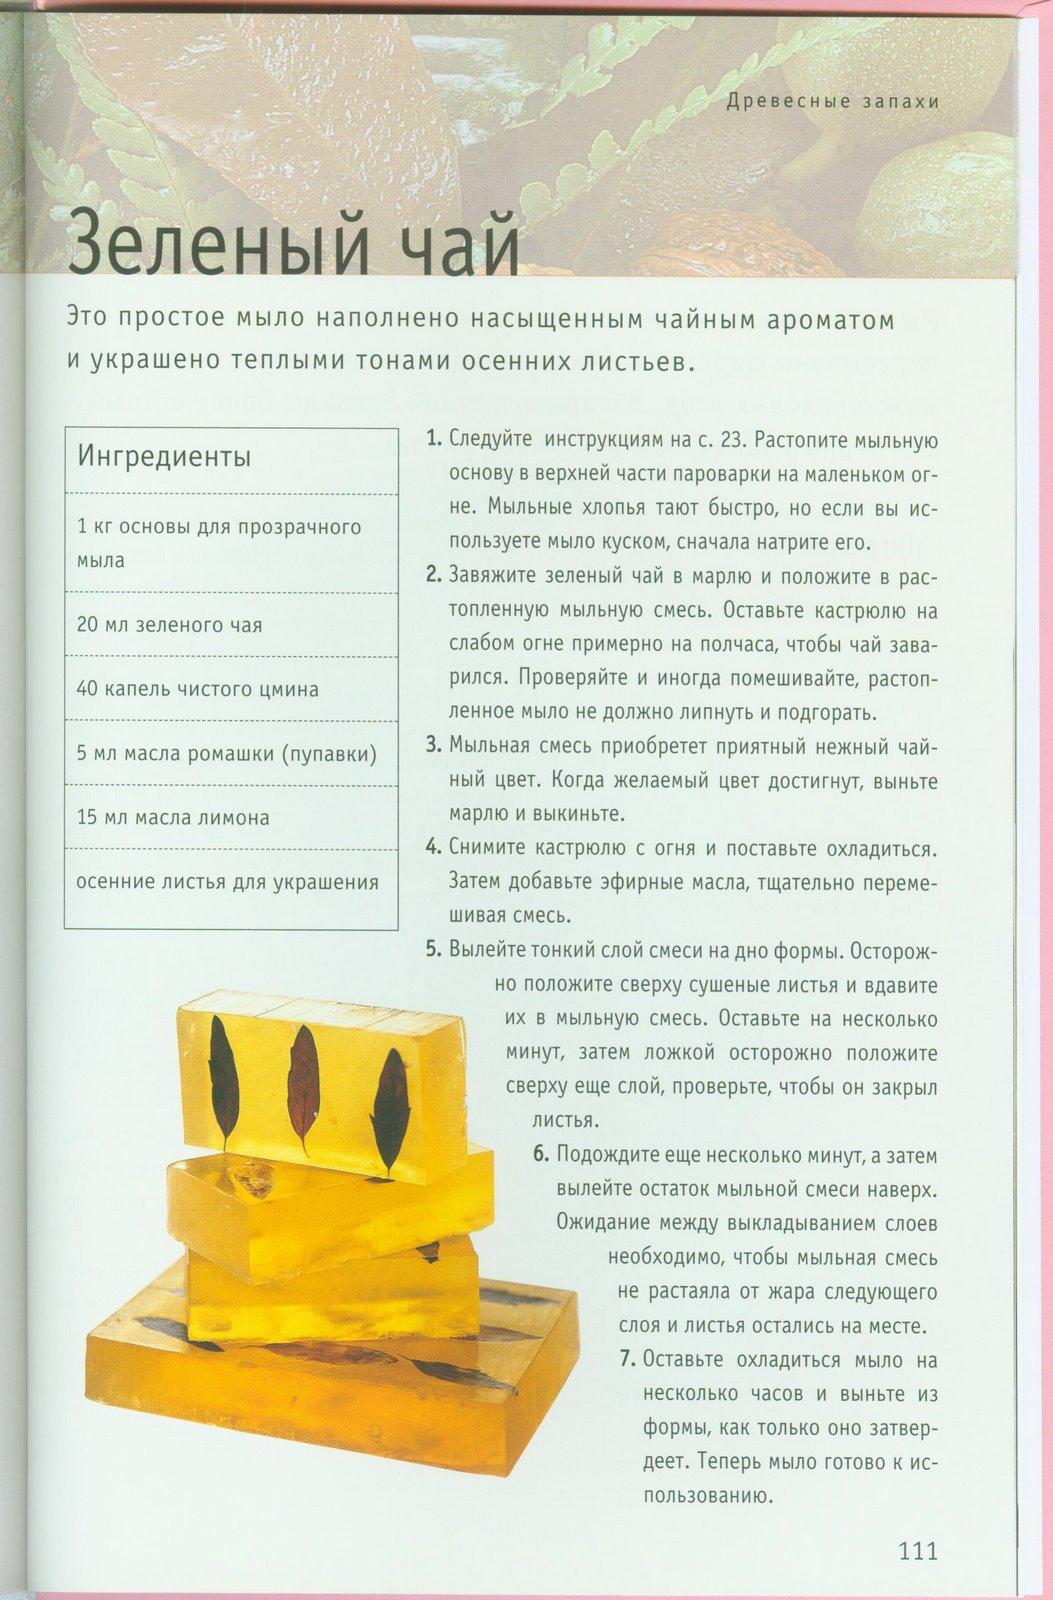 Мыло из органической основы рецепты